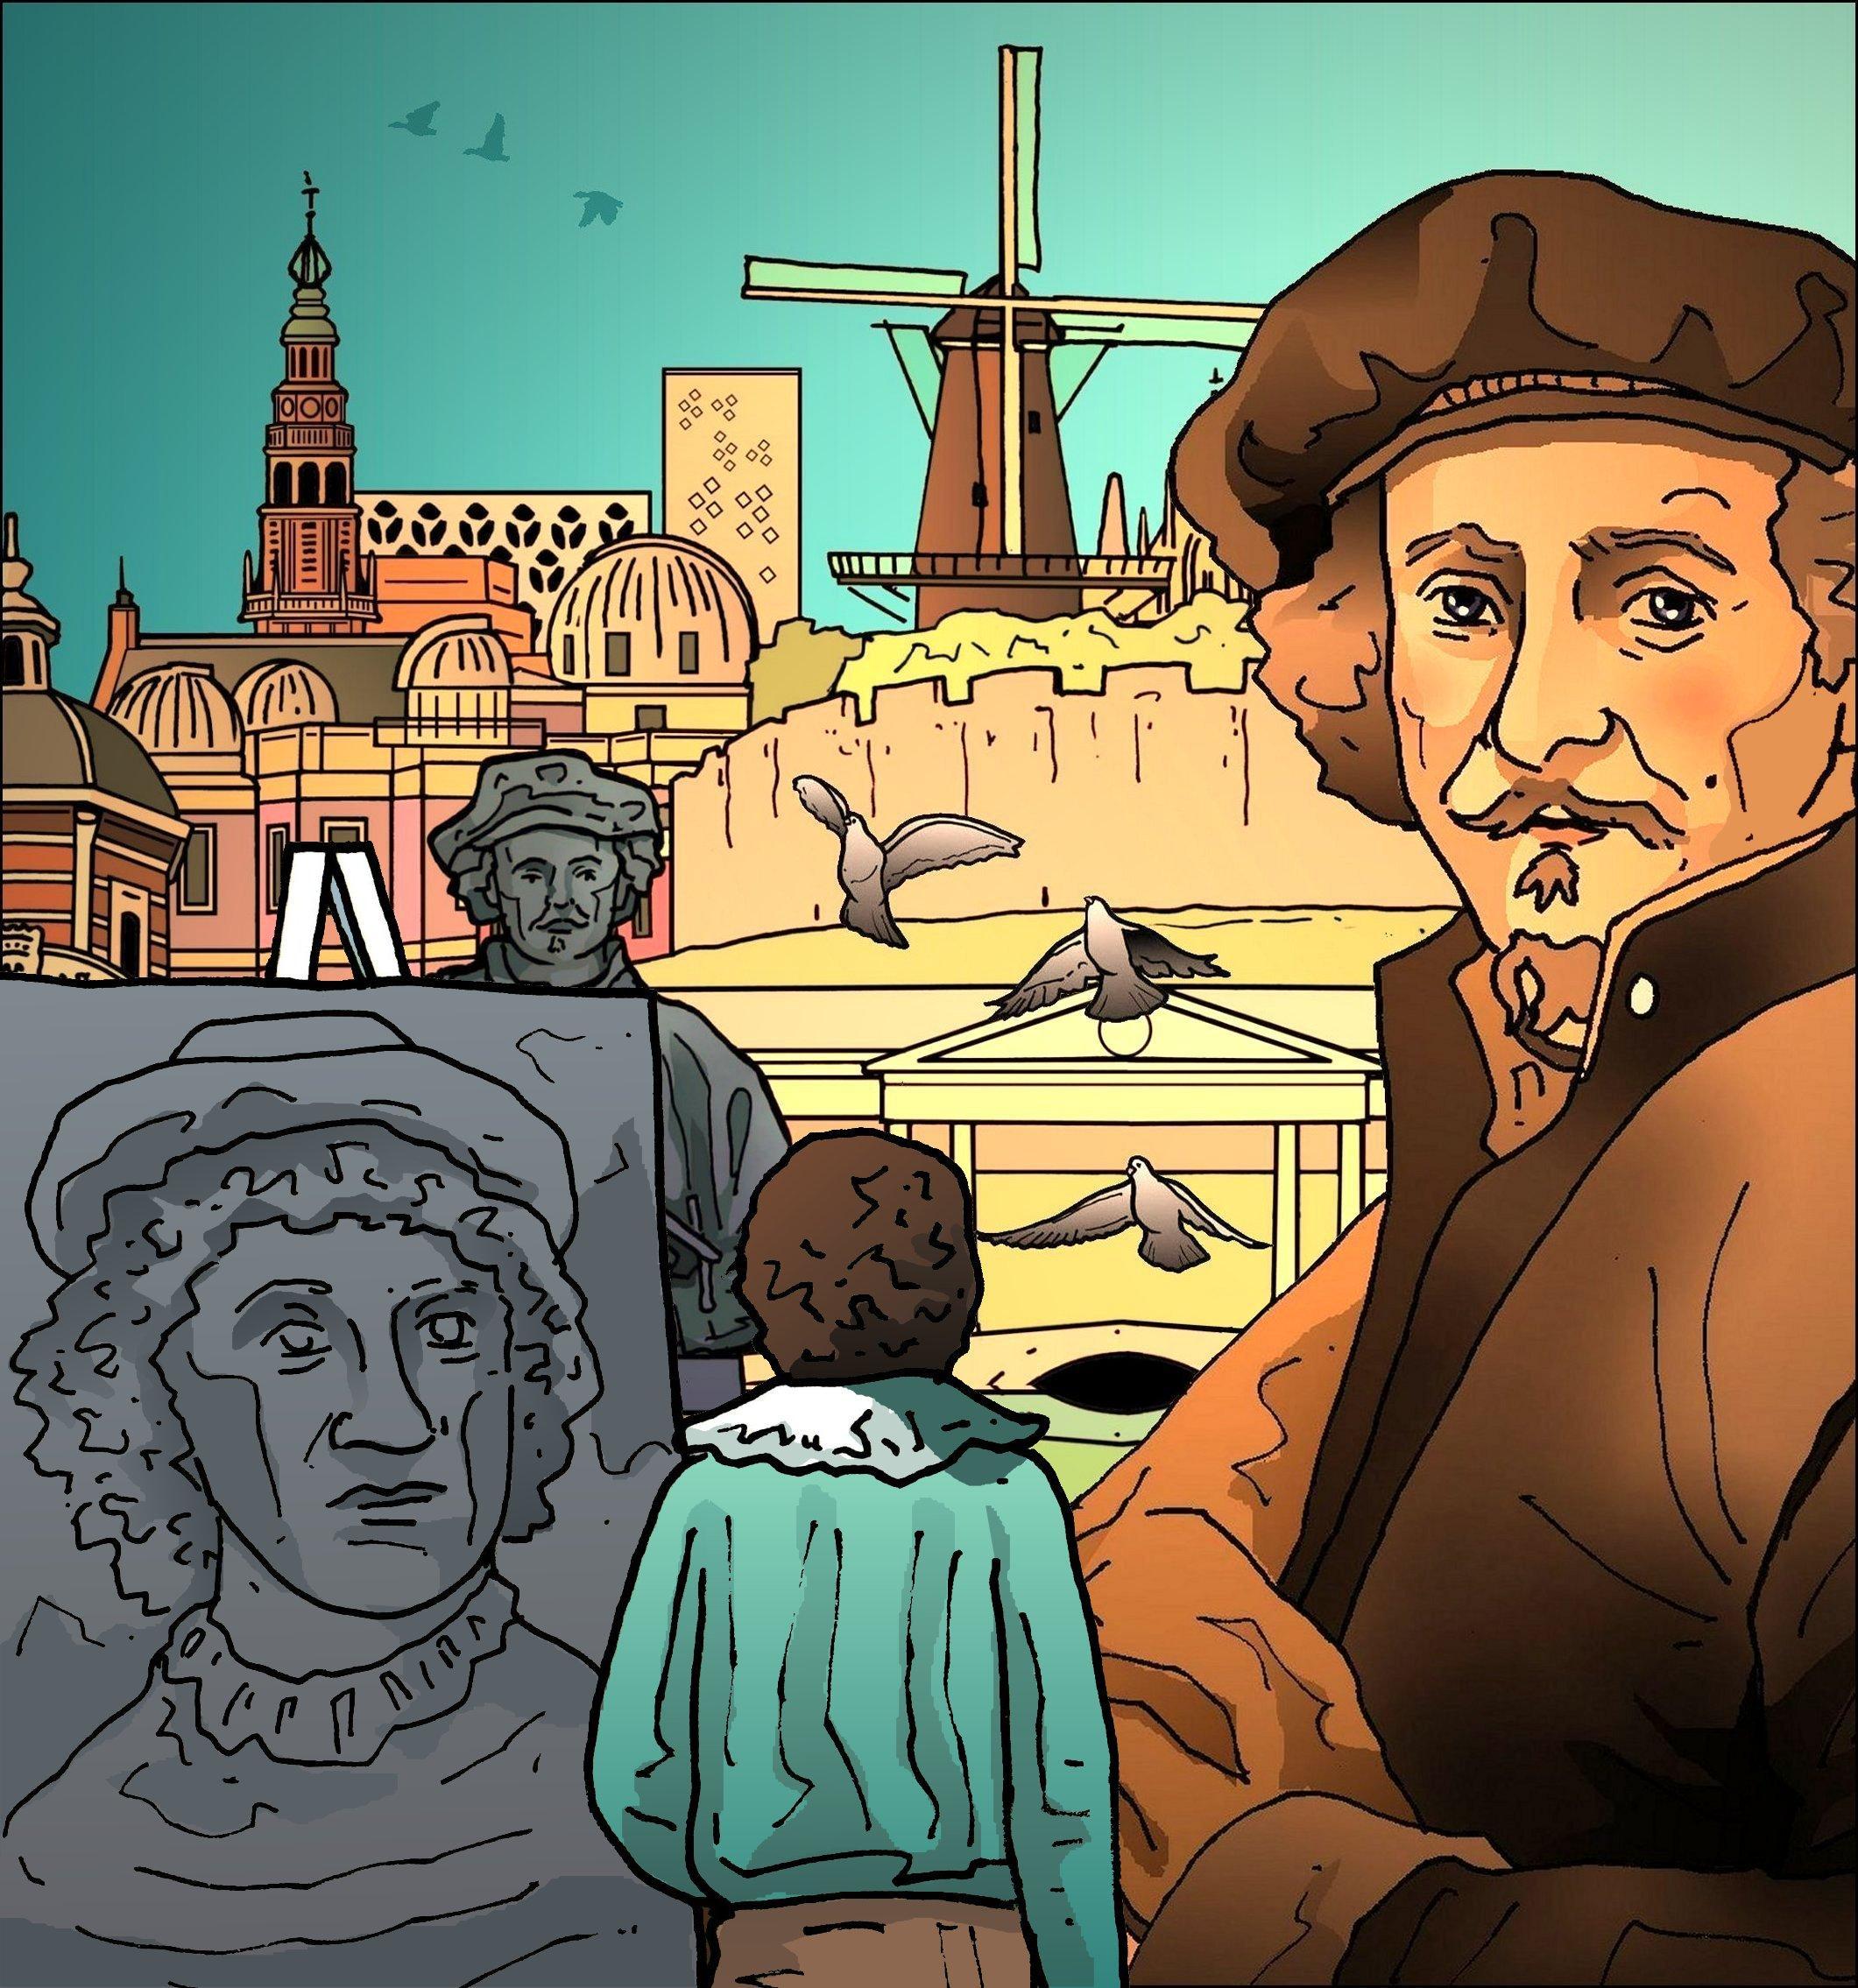 Het kan geen enkele voorbijganger meer ontgaan wie hier geboren is: Rembrandt, Rembrandt, Rembrandt   Leiden in klare lijn